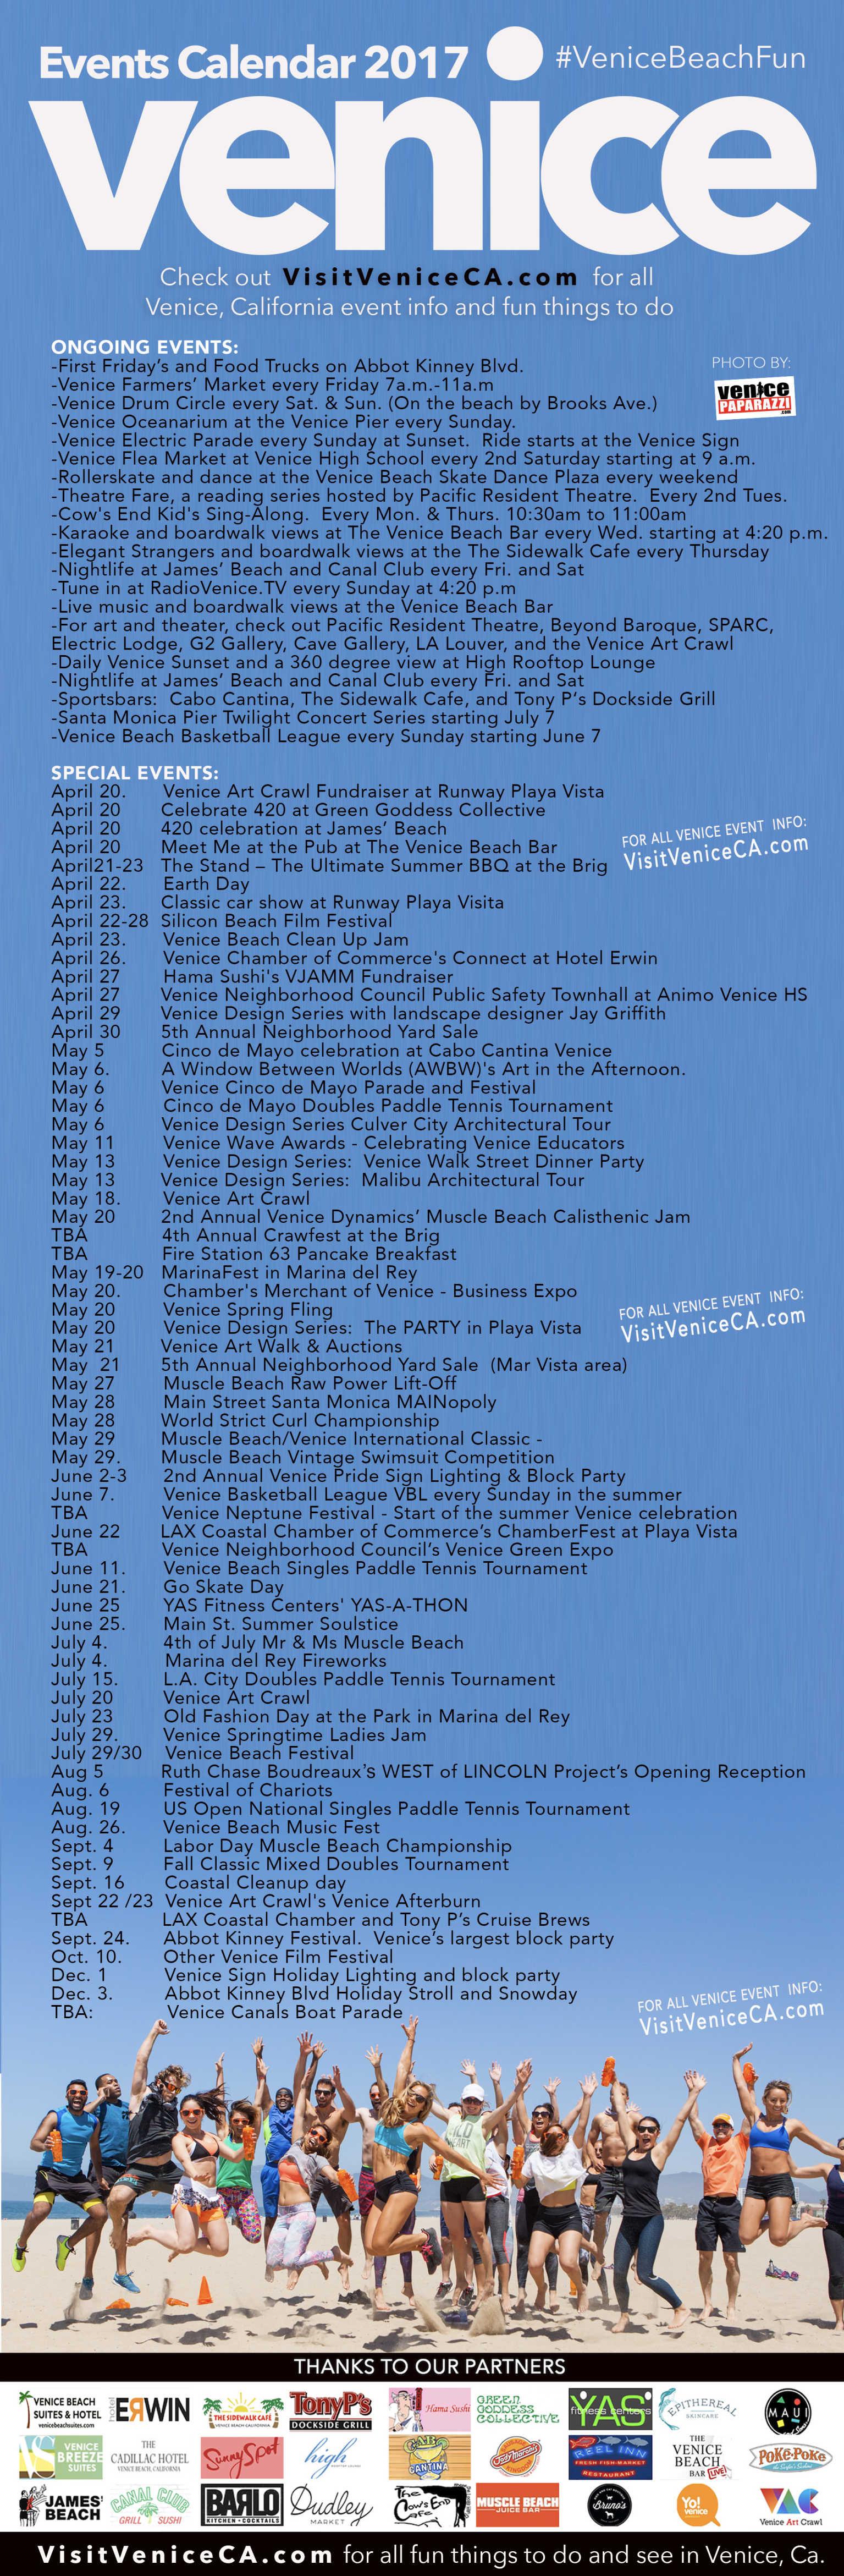 Venice Events Calendar